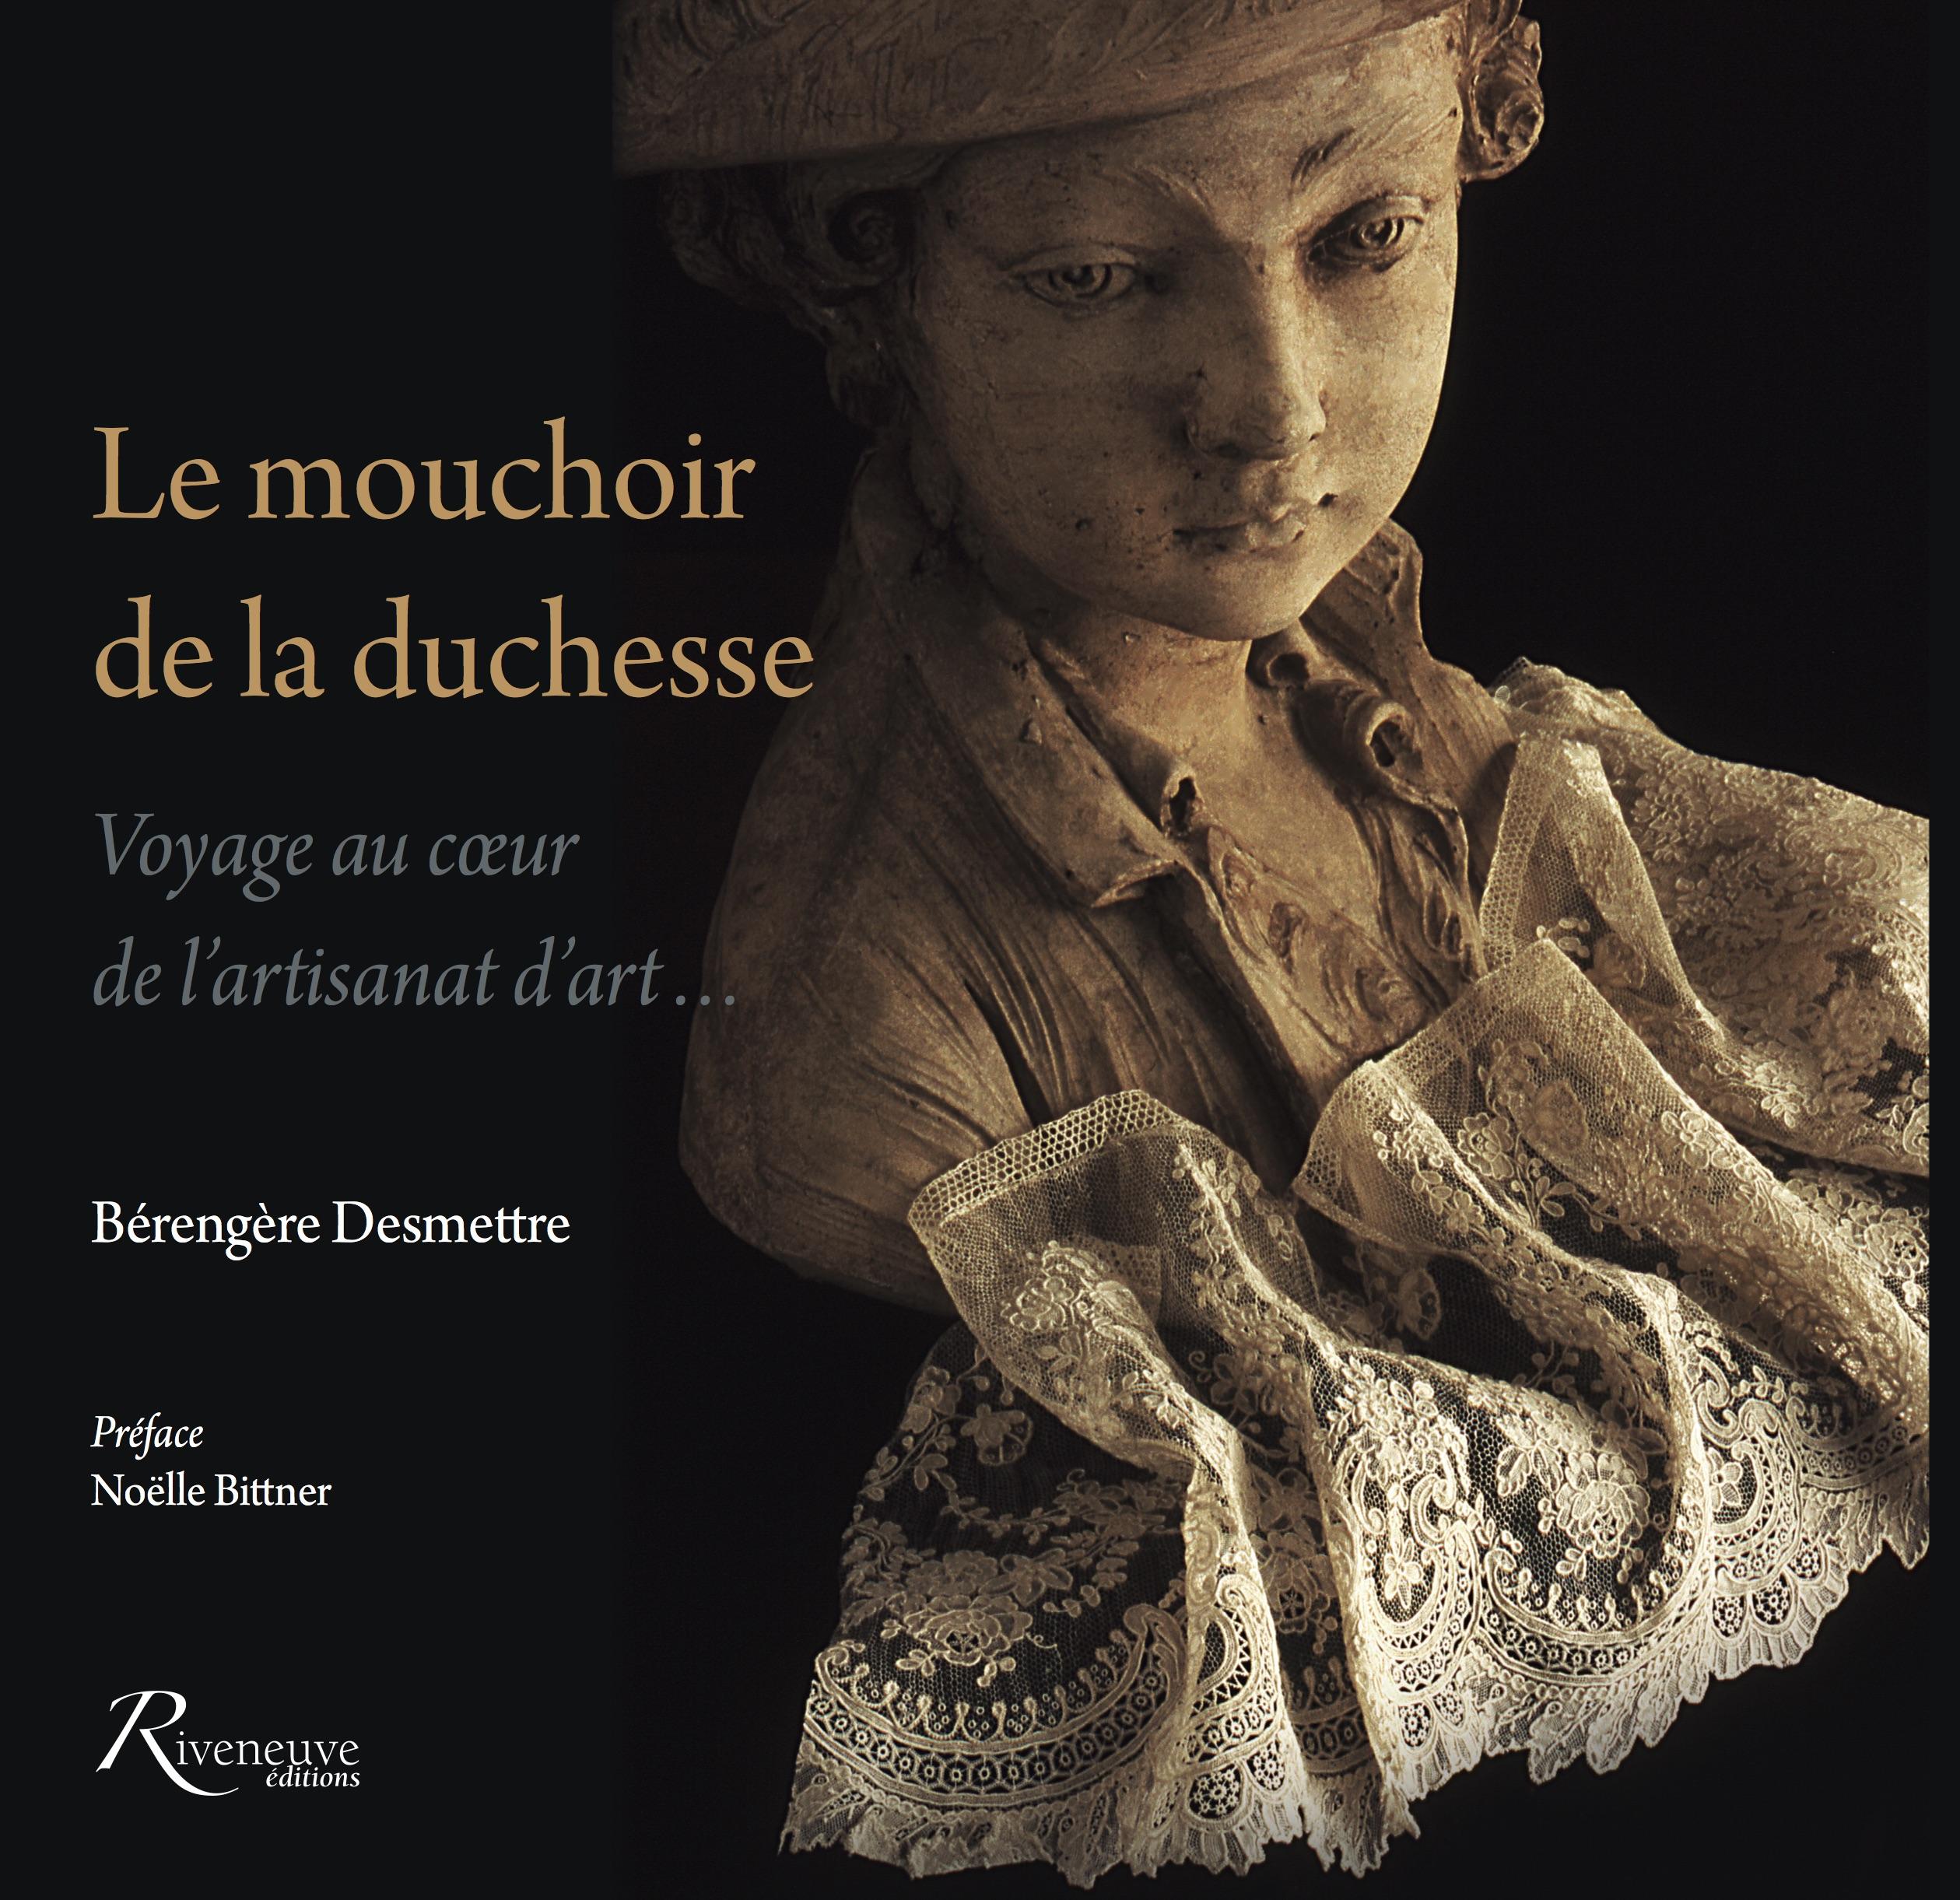 Le mouchoir de la duchesse  Voyage au cœur  de l'artisanat d'art…